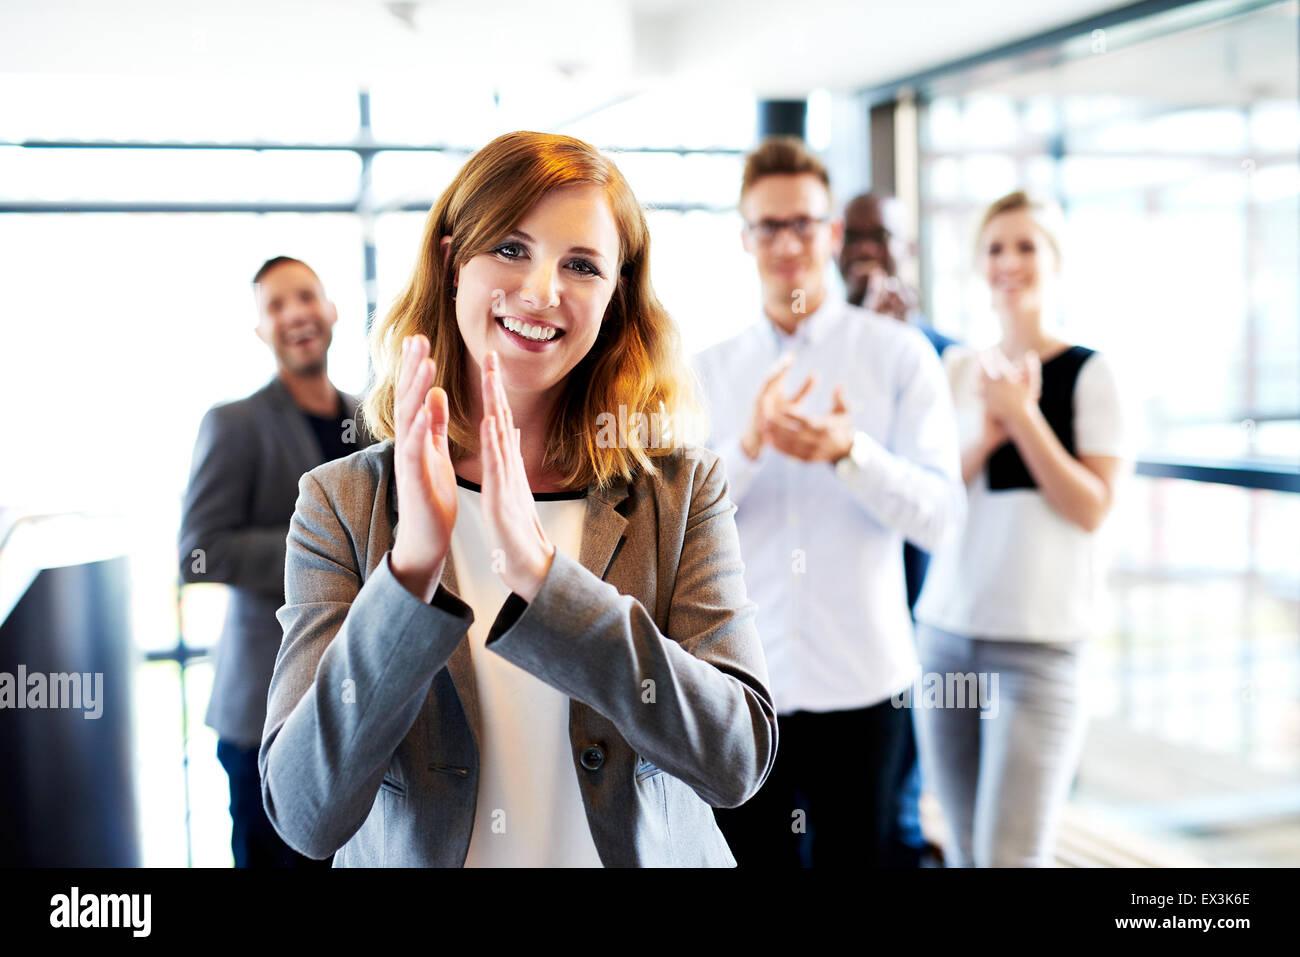 Junge weiße weibliche executive stand vor Kollegen klatschte und lächelnd Stockbild